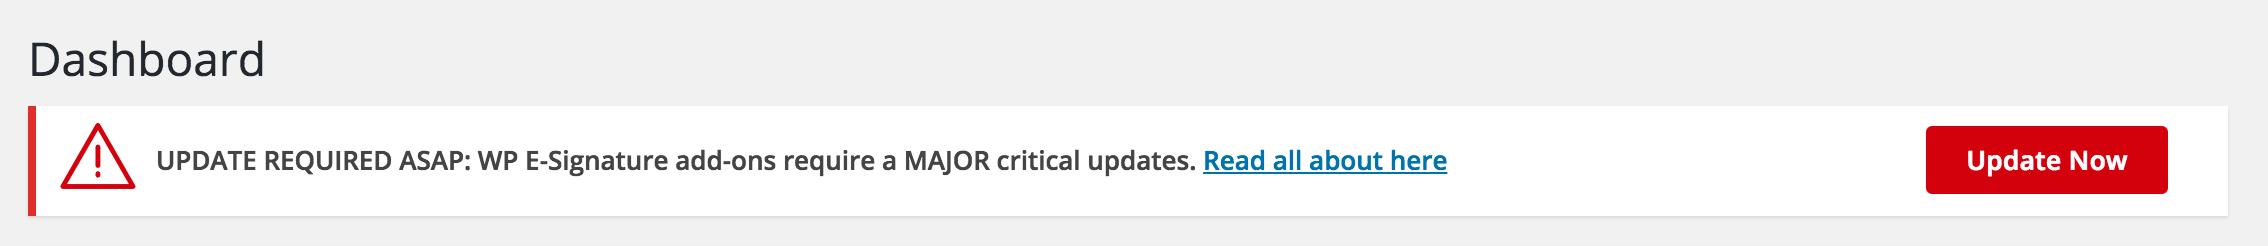 wordpress e-signature update now